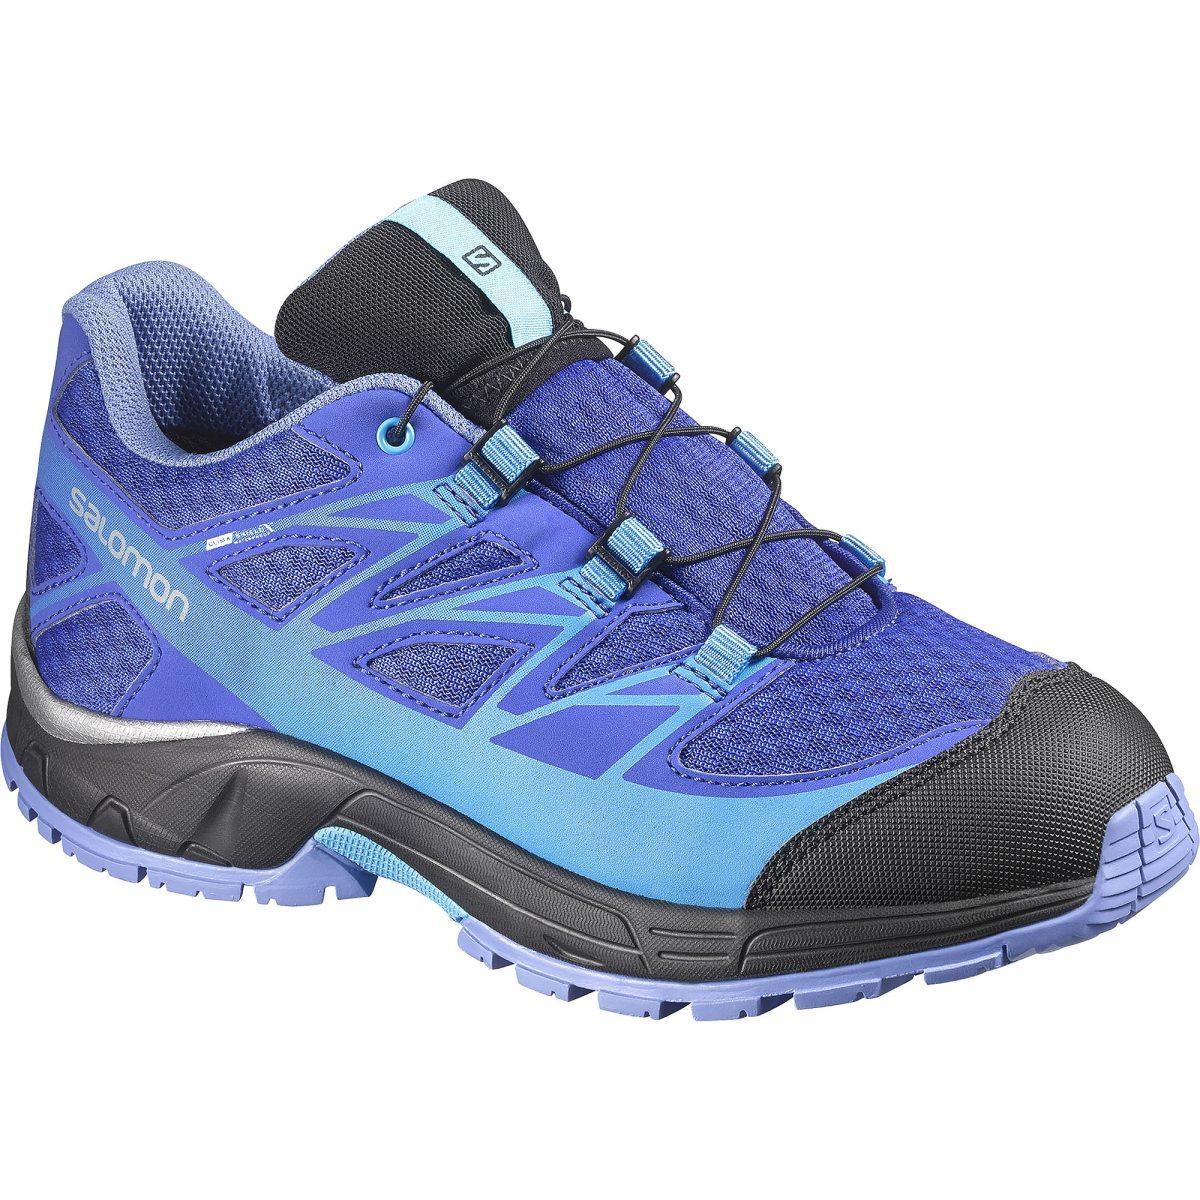 best sneakers 860d3 1b85e blå salomon wings cswp j vandringssko junior hikingskor barn